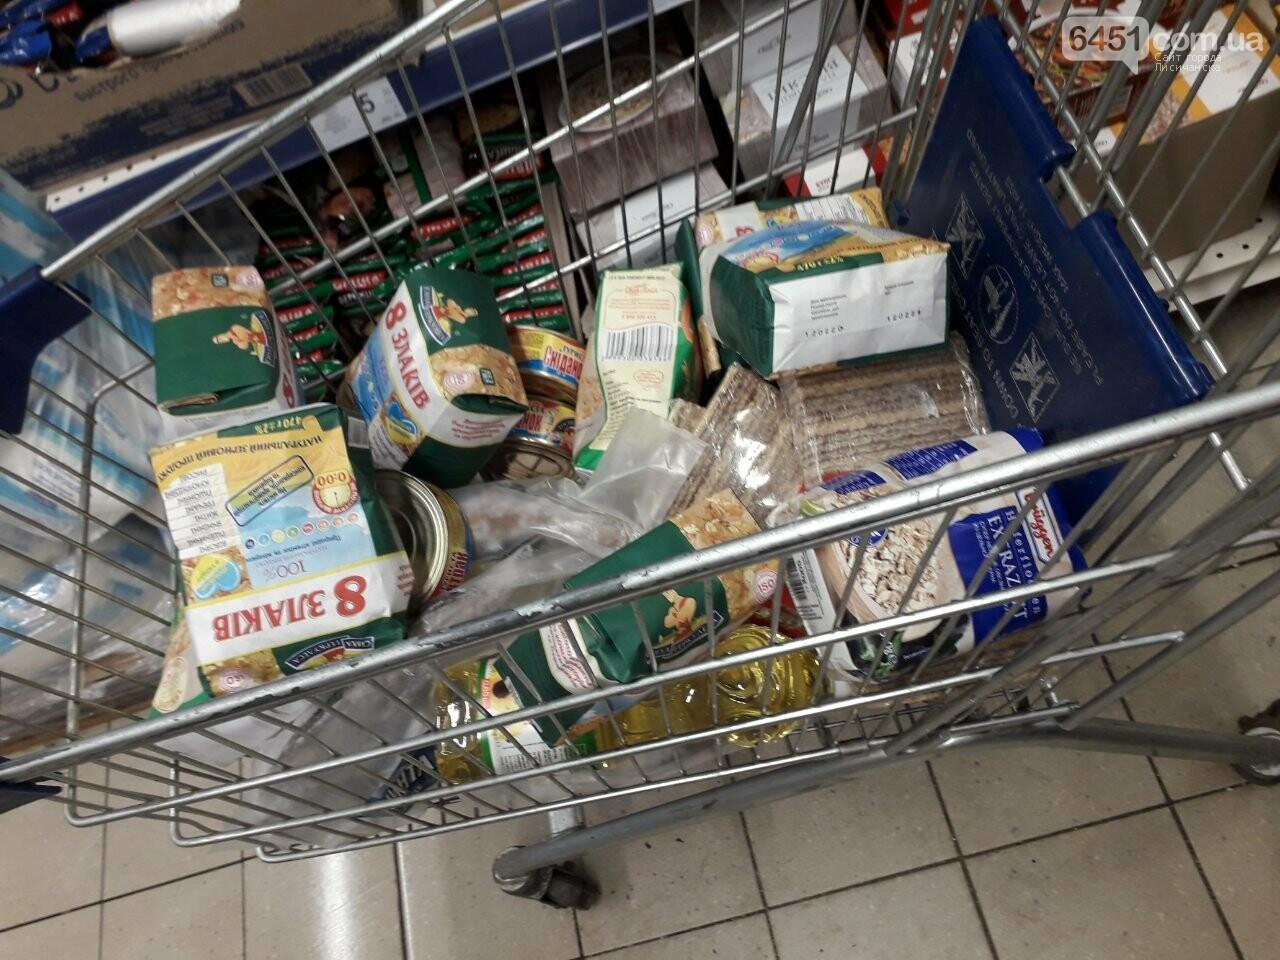 Ажиотажа нет, но продукты раскупают: что происходит в супермаркетах Лисичанска накануне карантина (фоторепортаж), фото-10